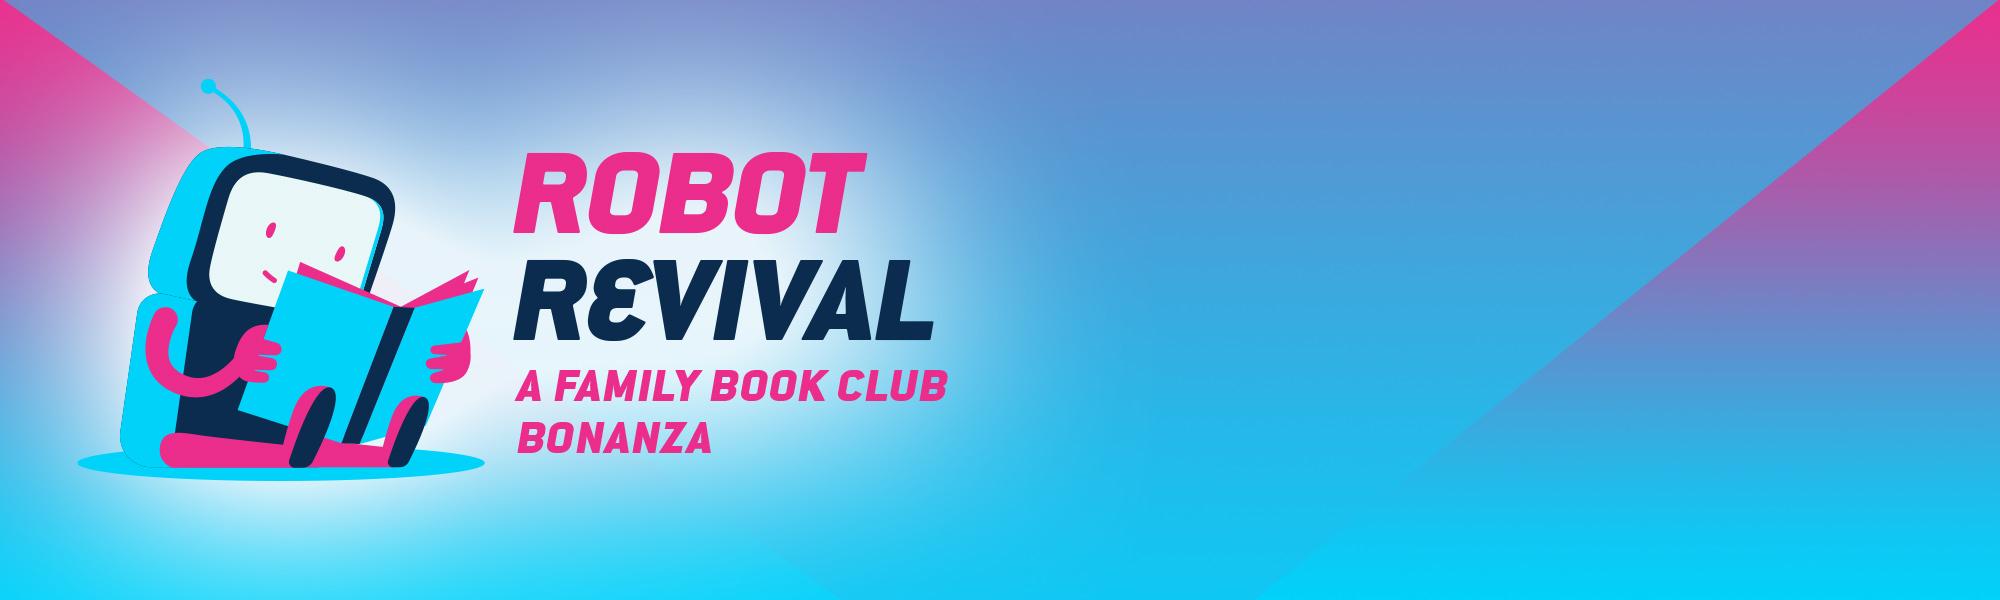 Robot Revival: A Family Book Club Bonanza